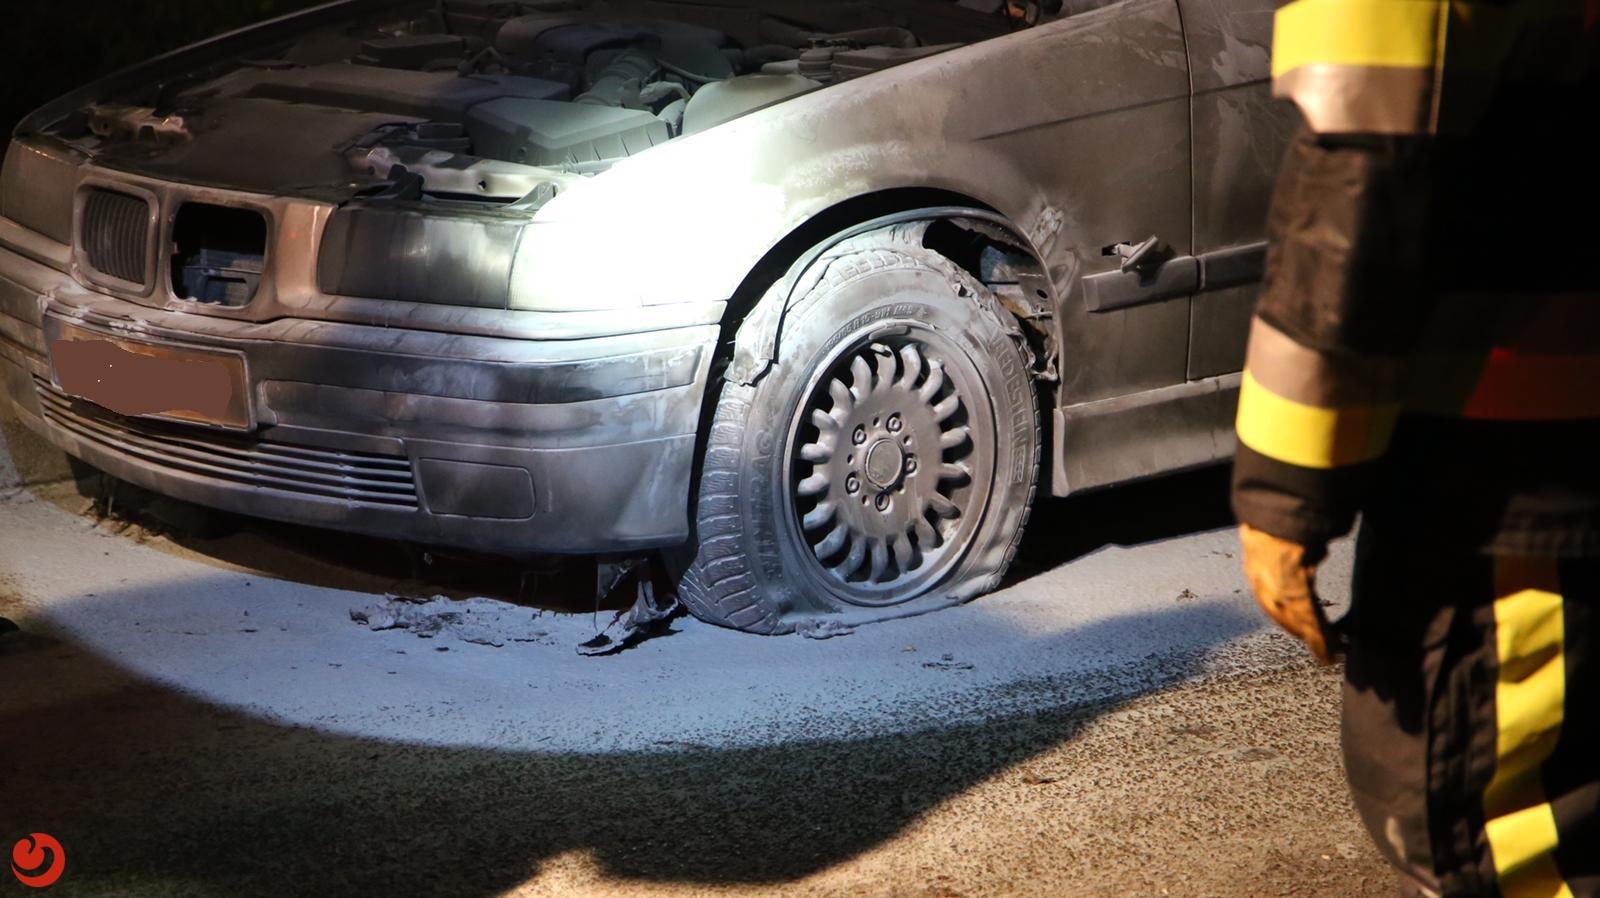 Poging tot brandstichting bij auto